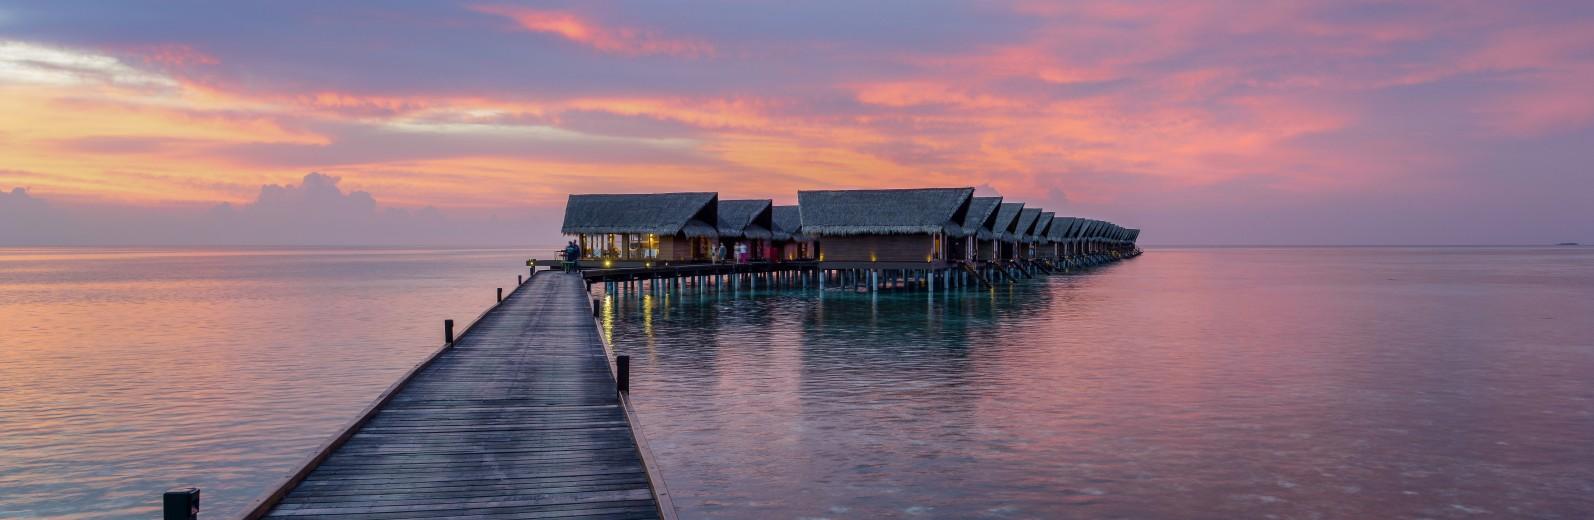 Ocean Villas-cropped